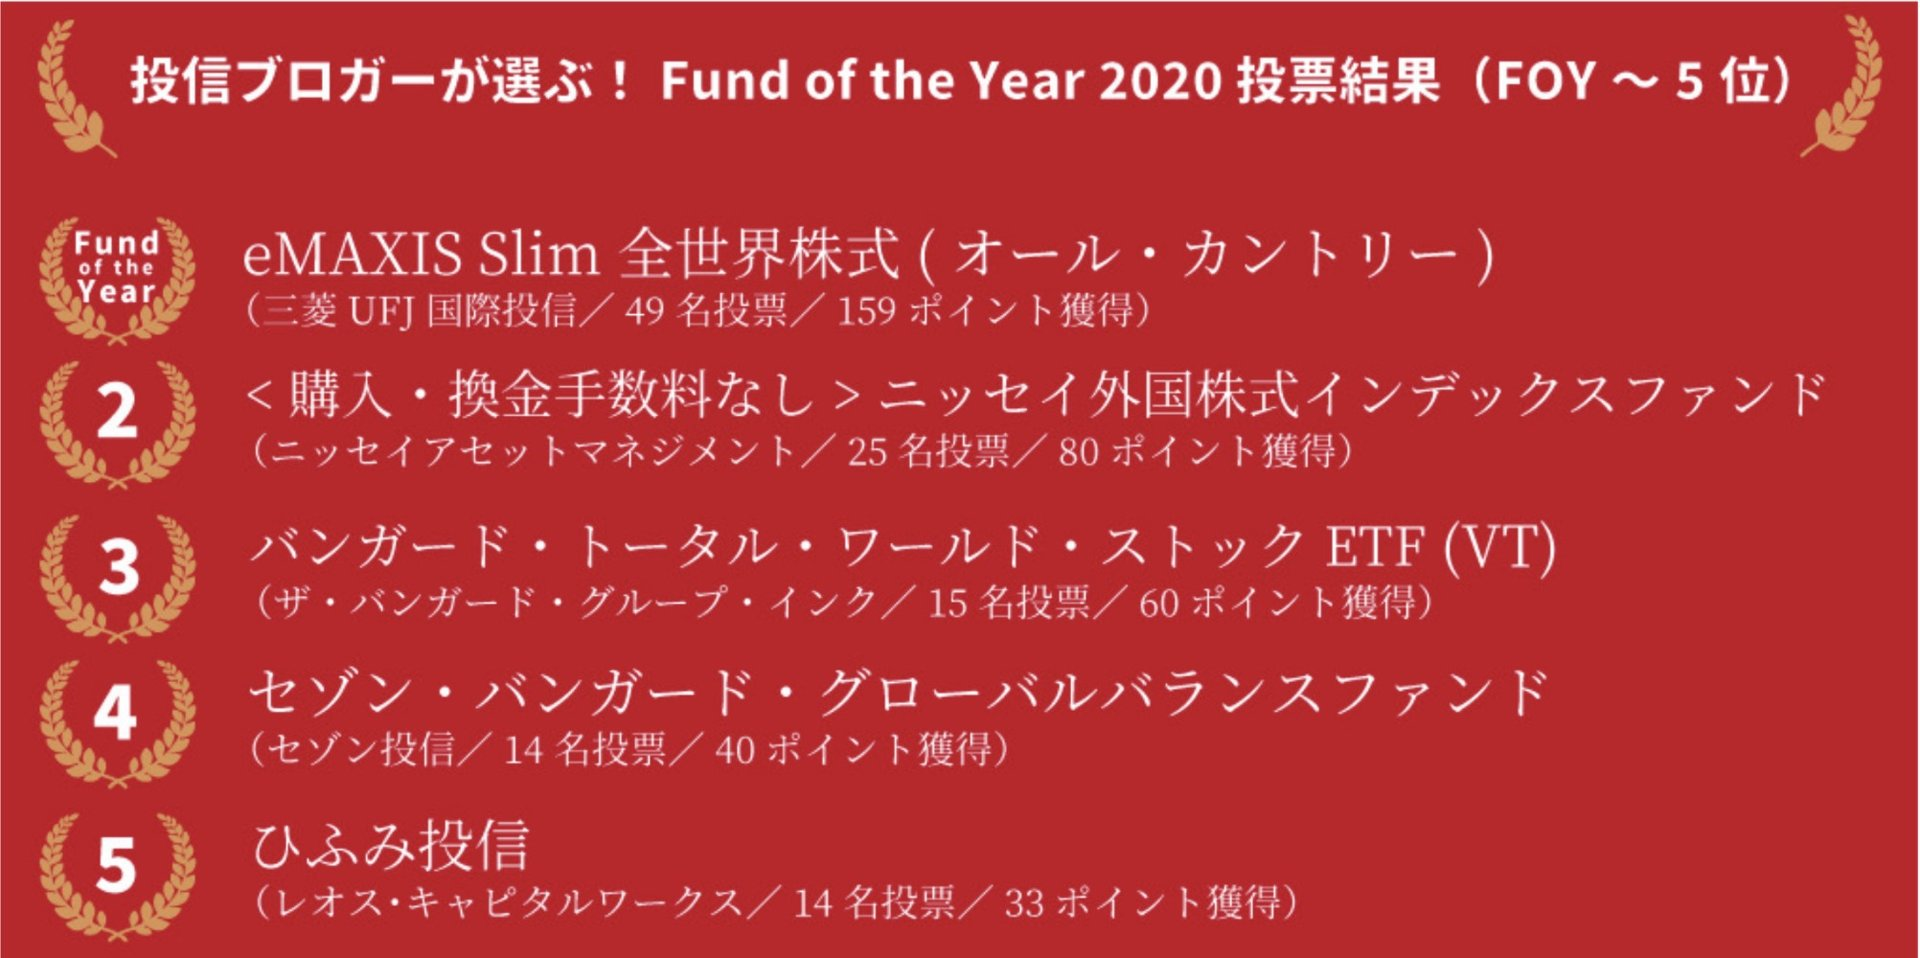 投信ブロガーが選ぶ!Fund of the Year 2020、トップ5の結果